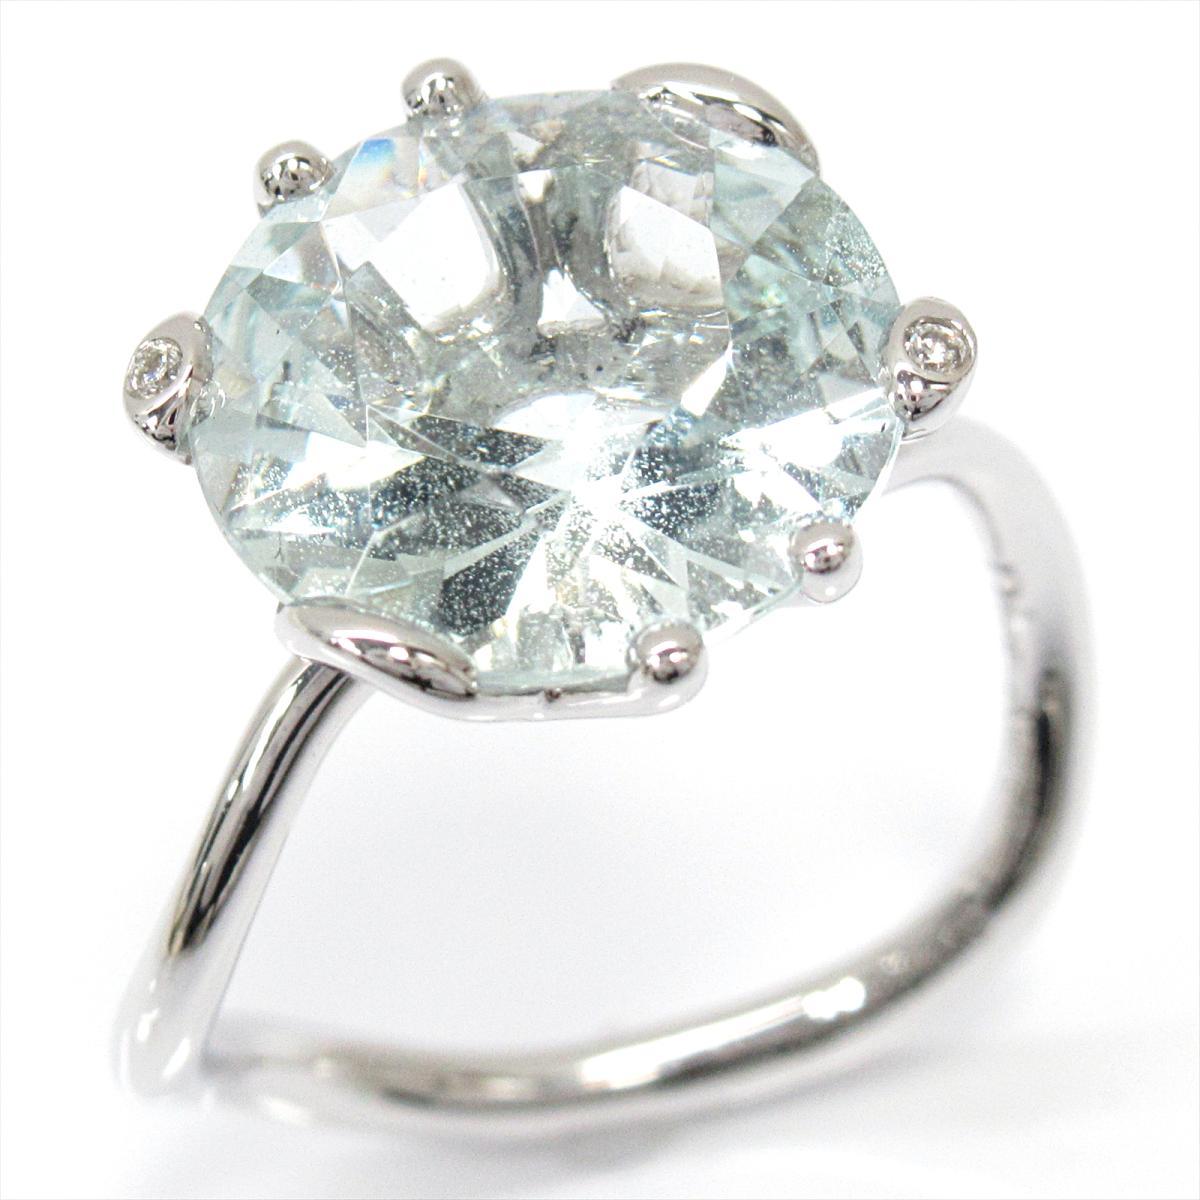 激安商品 【】 クリスチャン・ディオール アクアマリンリング 指輪 レディース K18WG (750) ホワイトゴールド x アクアマリン ダイヤモンド (JOUI95013)   Dior BRANDOFF ブランドオフ ブランド ジュエリー アクセサリー リング, AQUA-F ba9bec7b